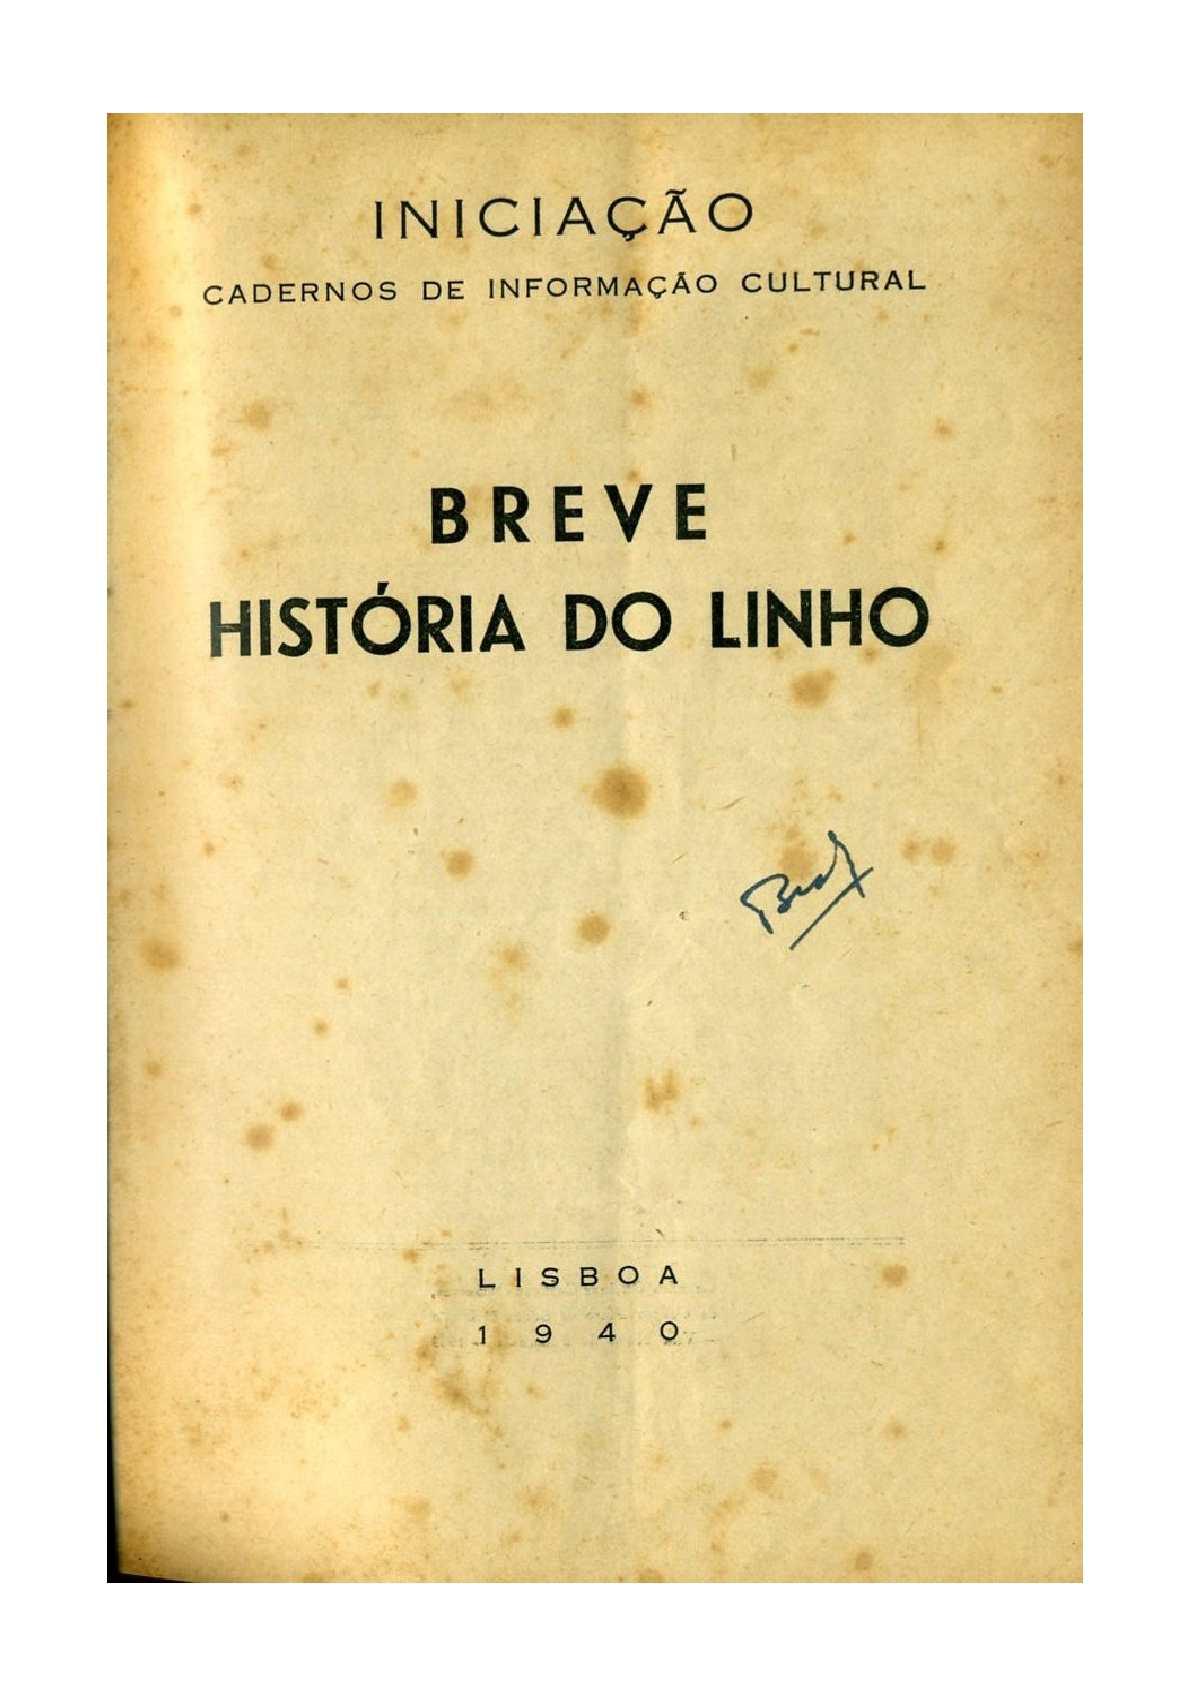 BREVE HISTÓRIA DO LINHO